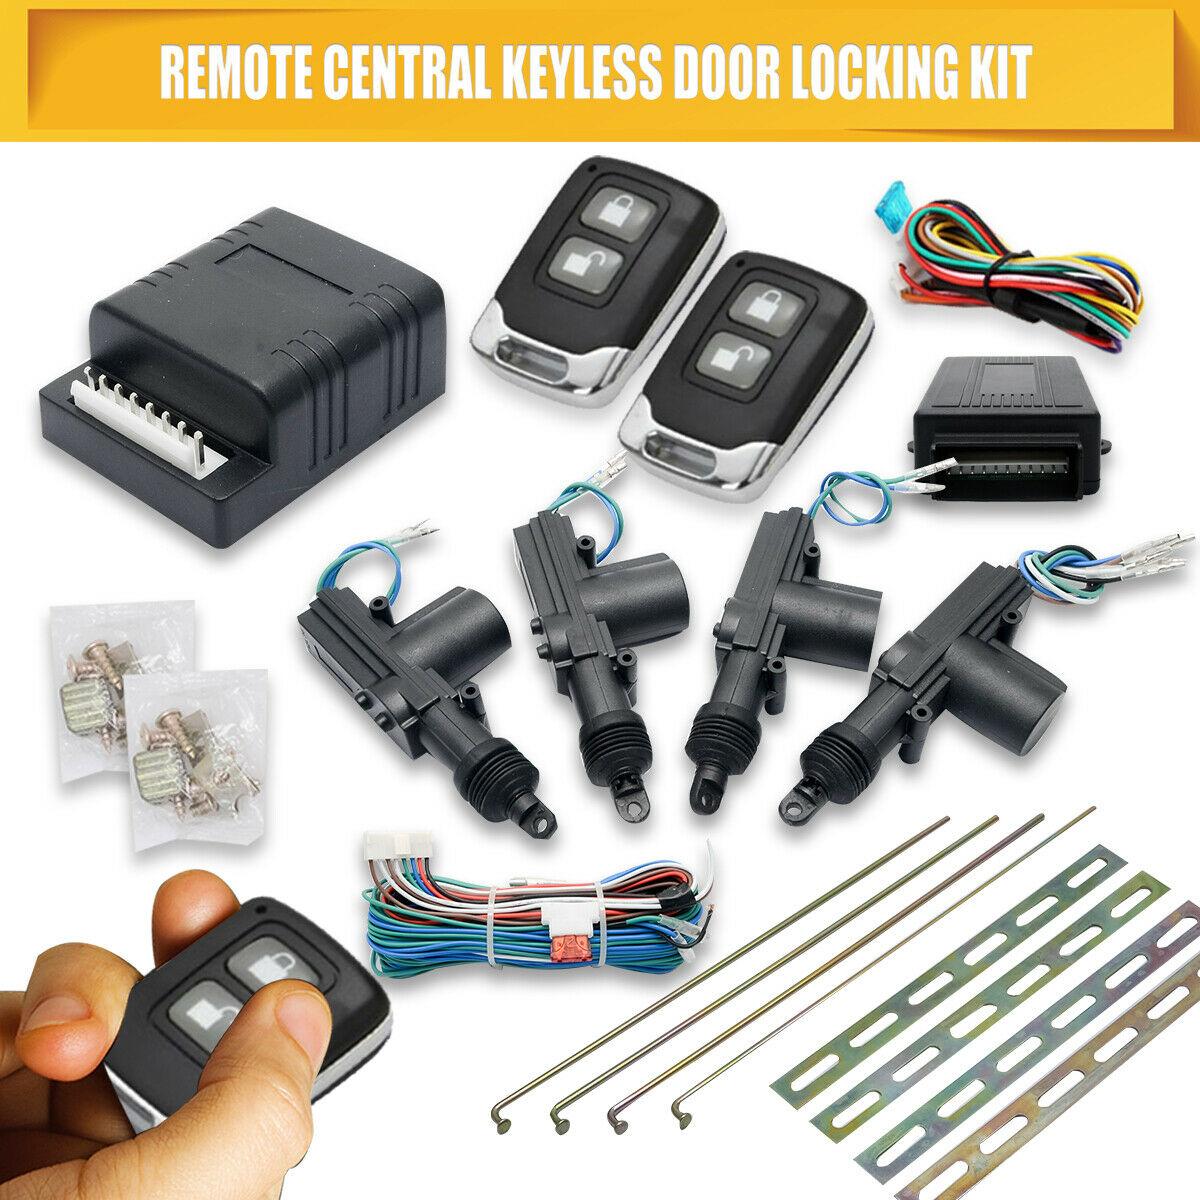 Actionneur de serrure centrale de voiture 4 portes système de verrouillage automatique sans clé Kit à distance